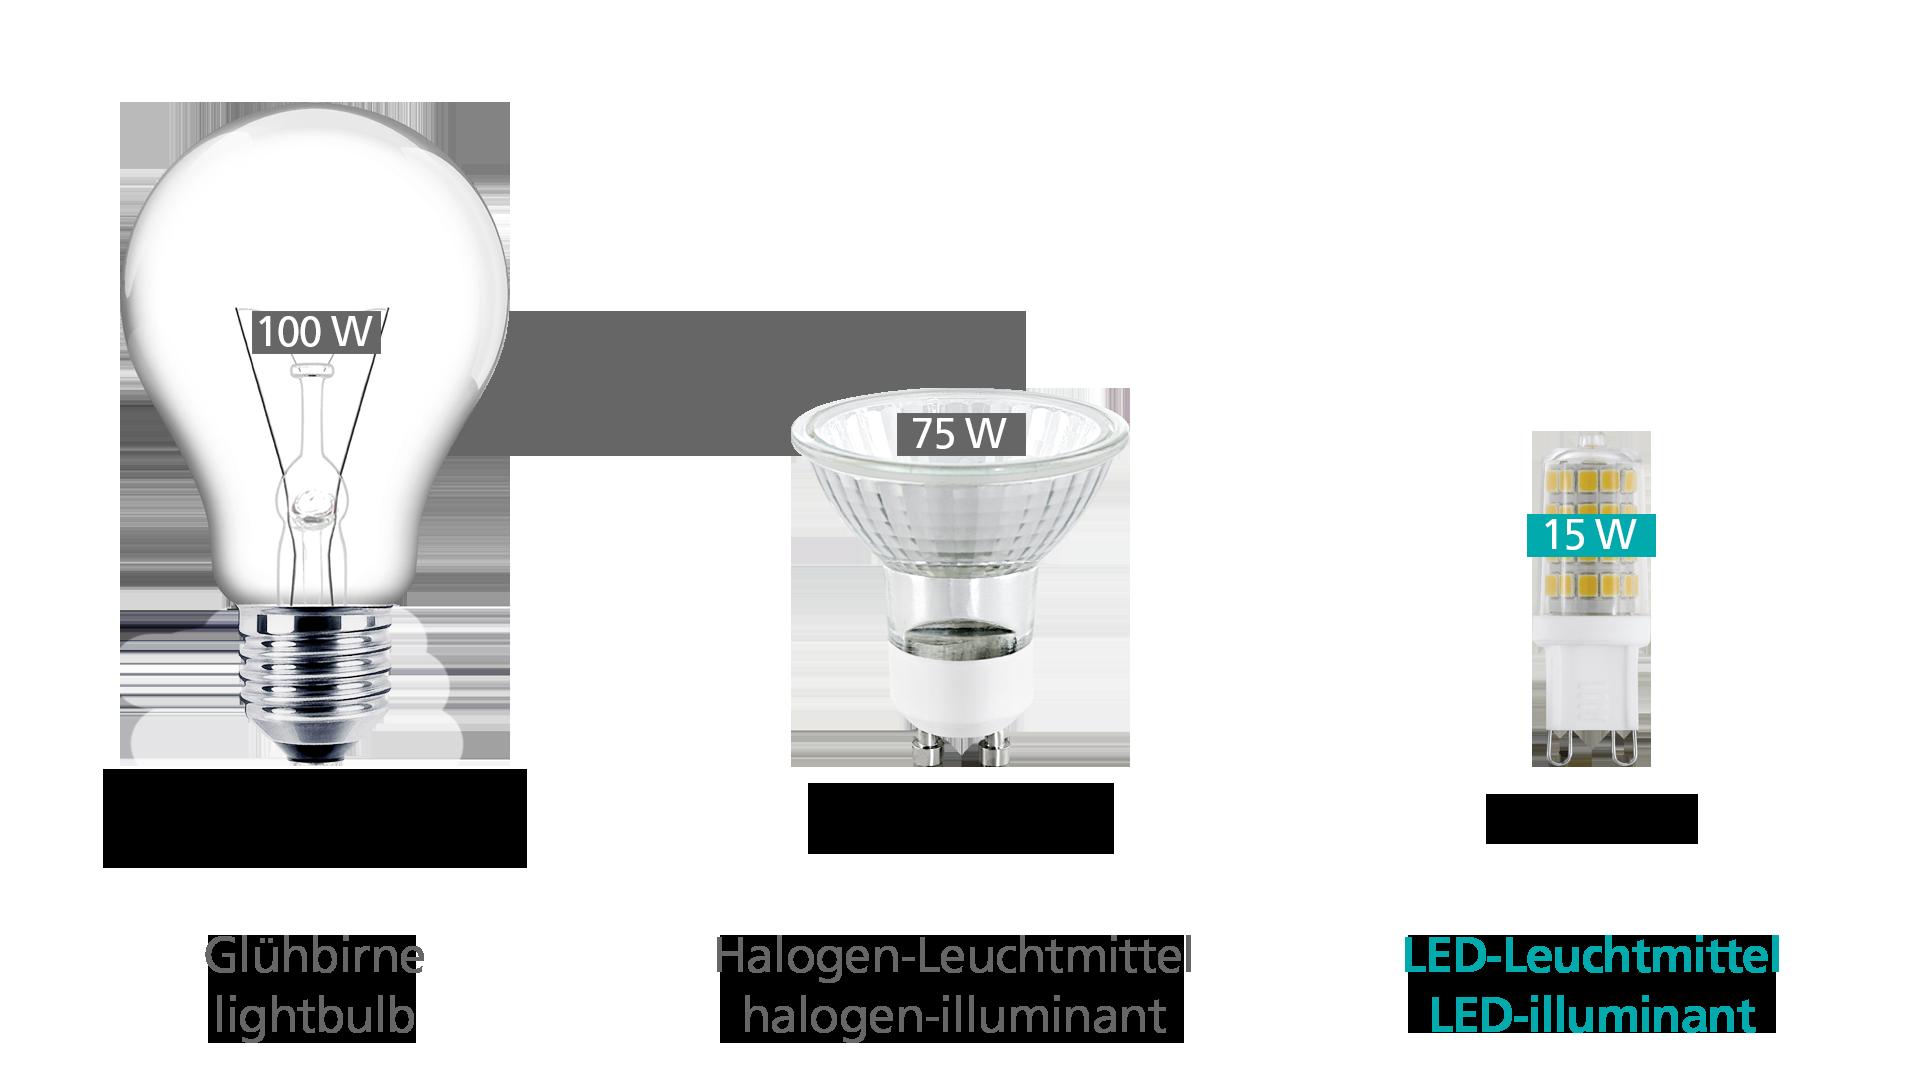 Vergleich Glühbirne, Halogenleuchtmittel und LED Leuchtmittel